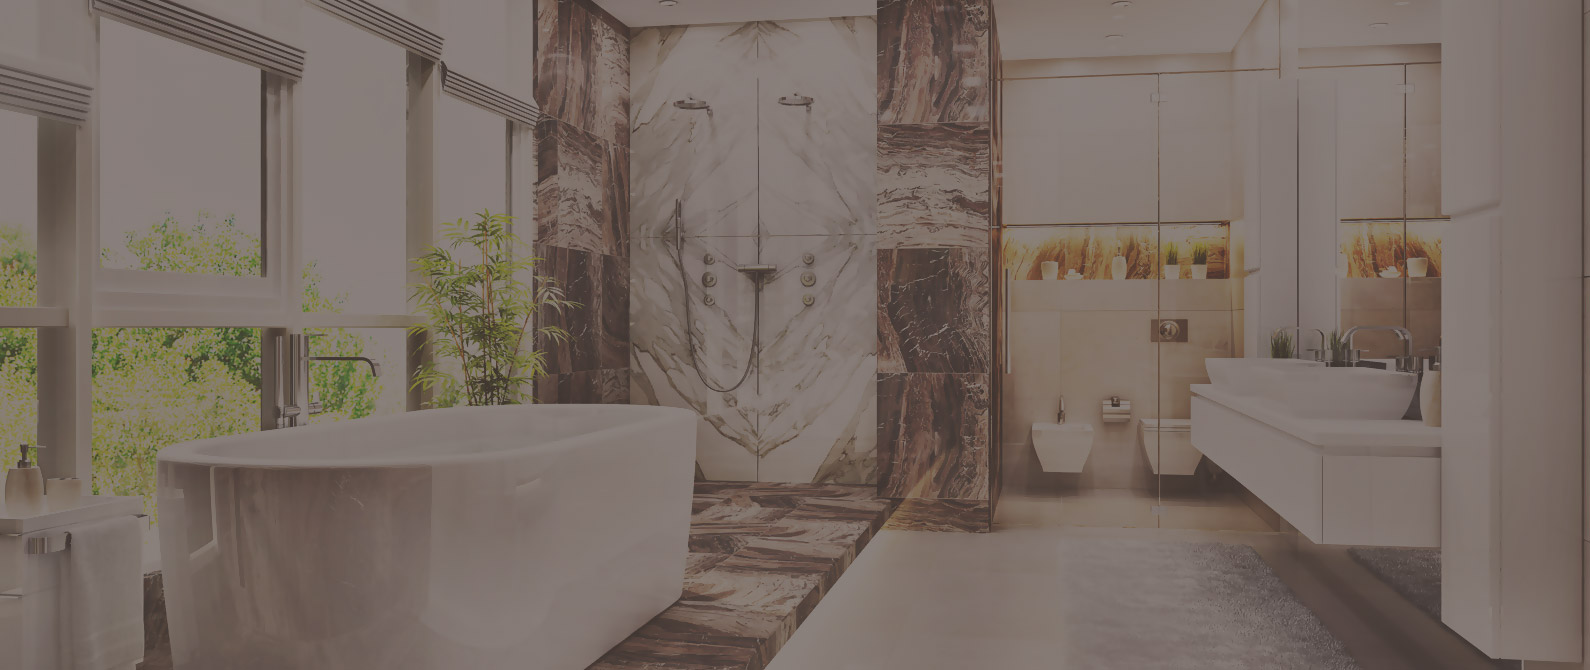 sanit r heizung badsanierung m nchen barrierefreies bad On badsanierung munchen